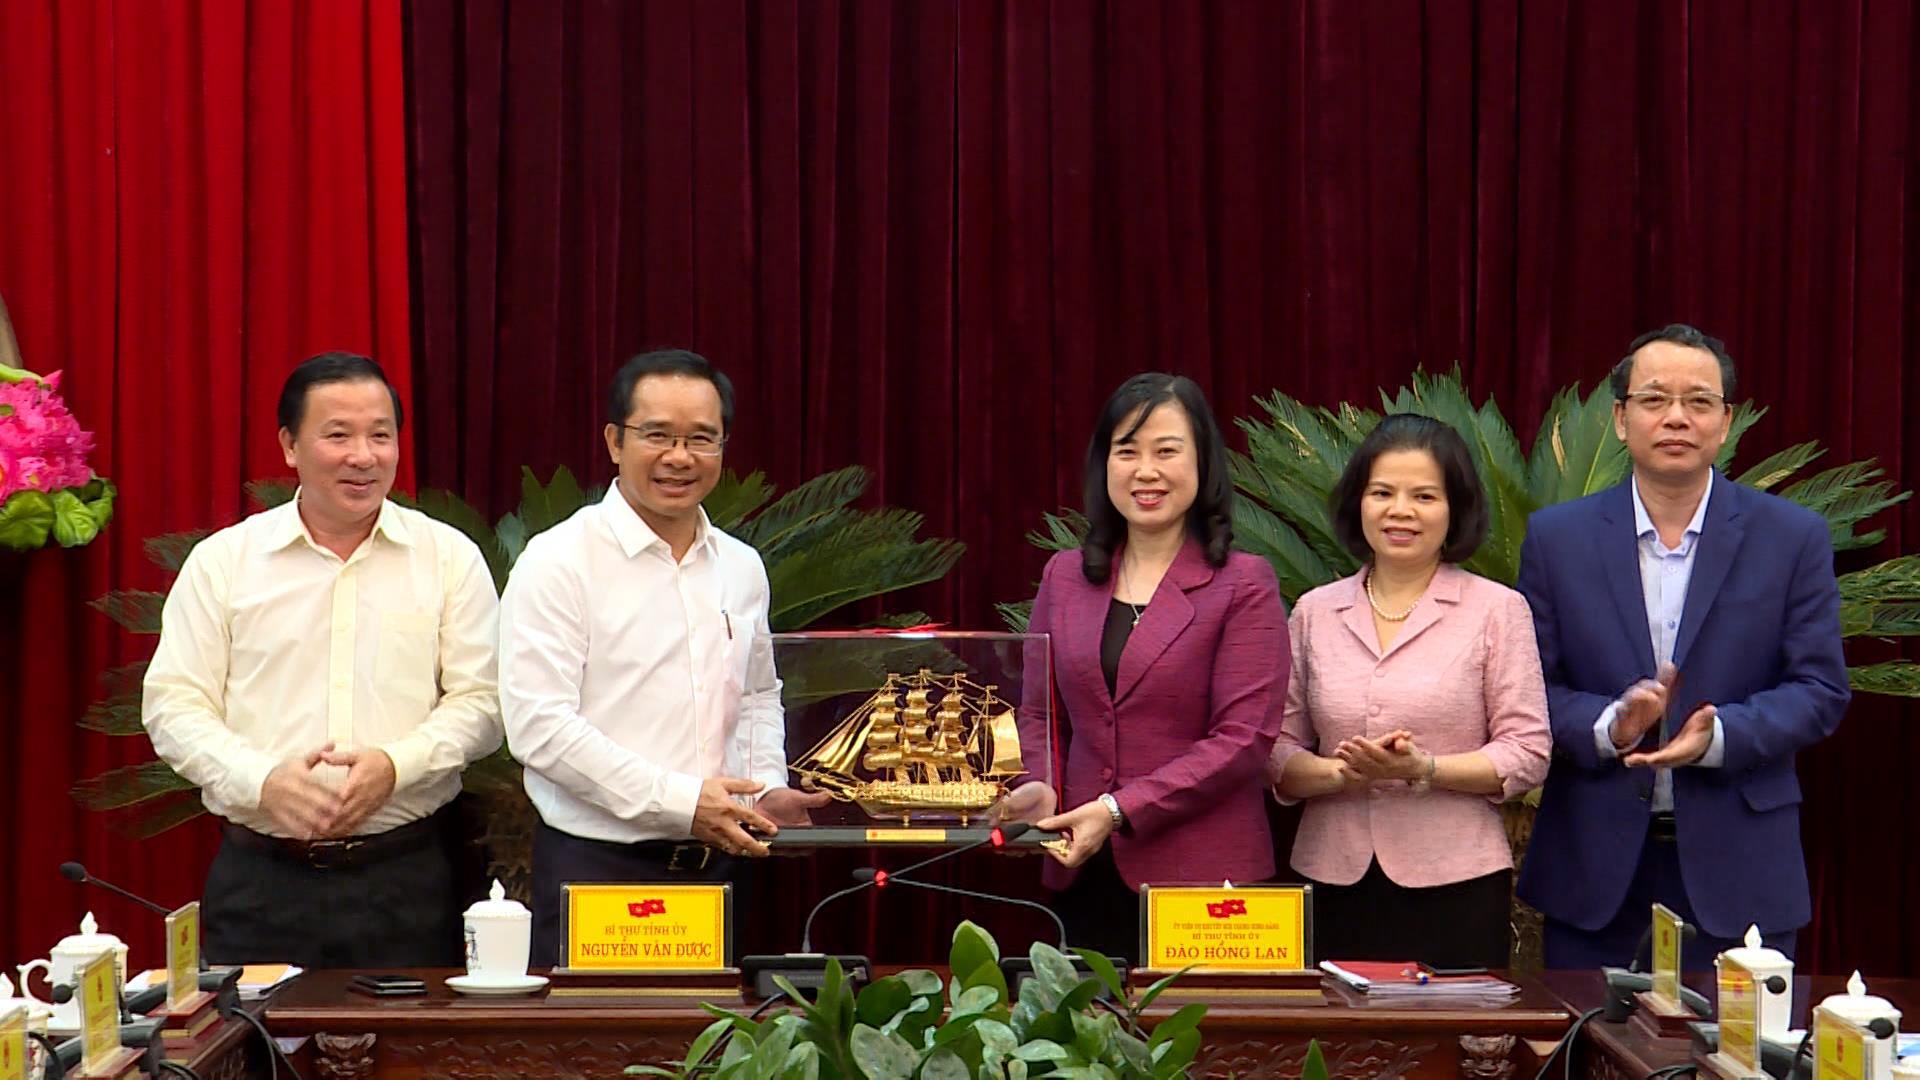 Đoàn công tác tỉnh Long An thăm và làm việc tại Bắc Ninh